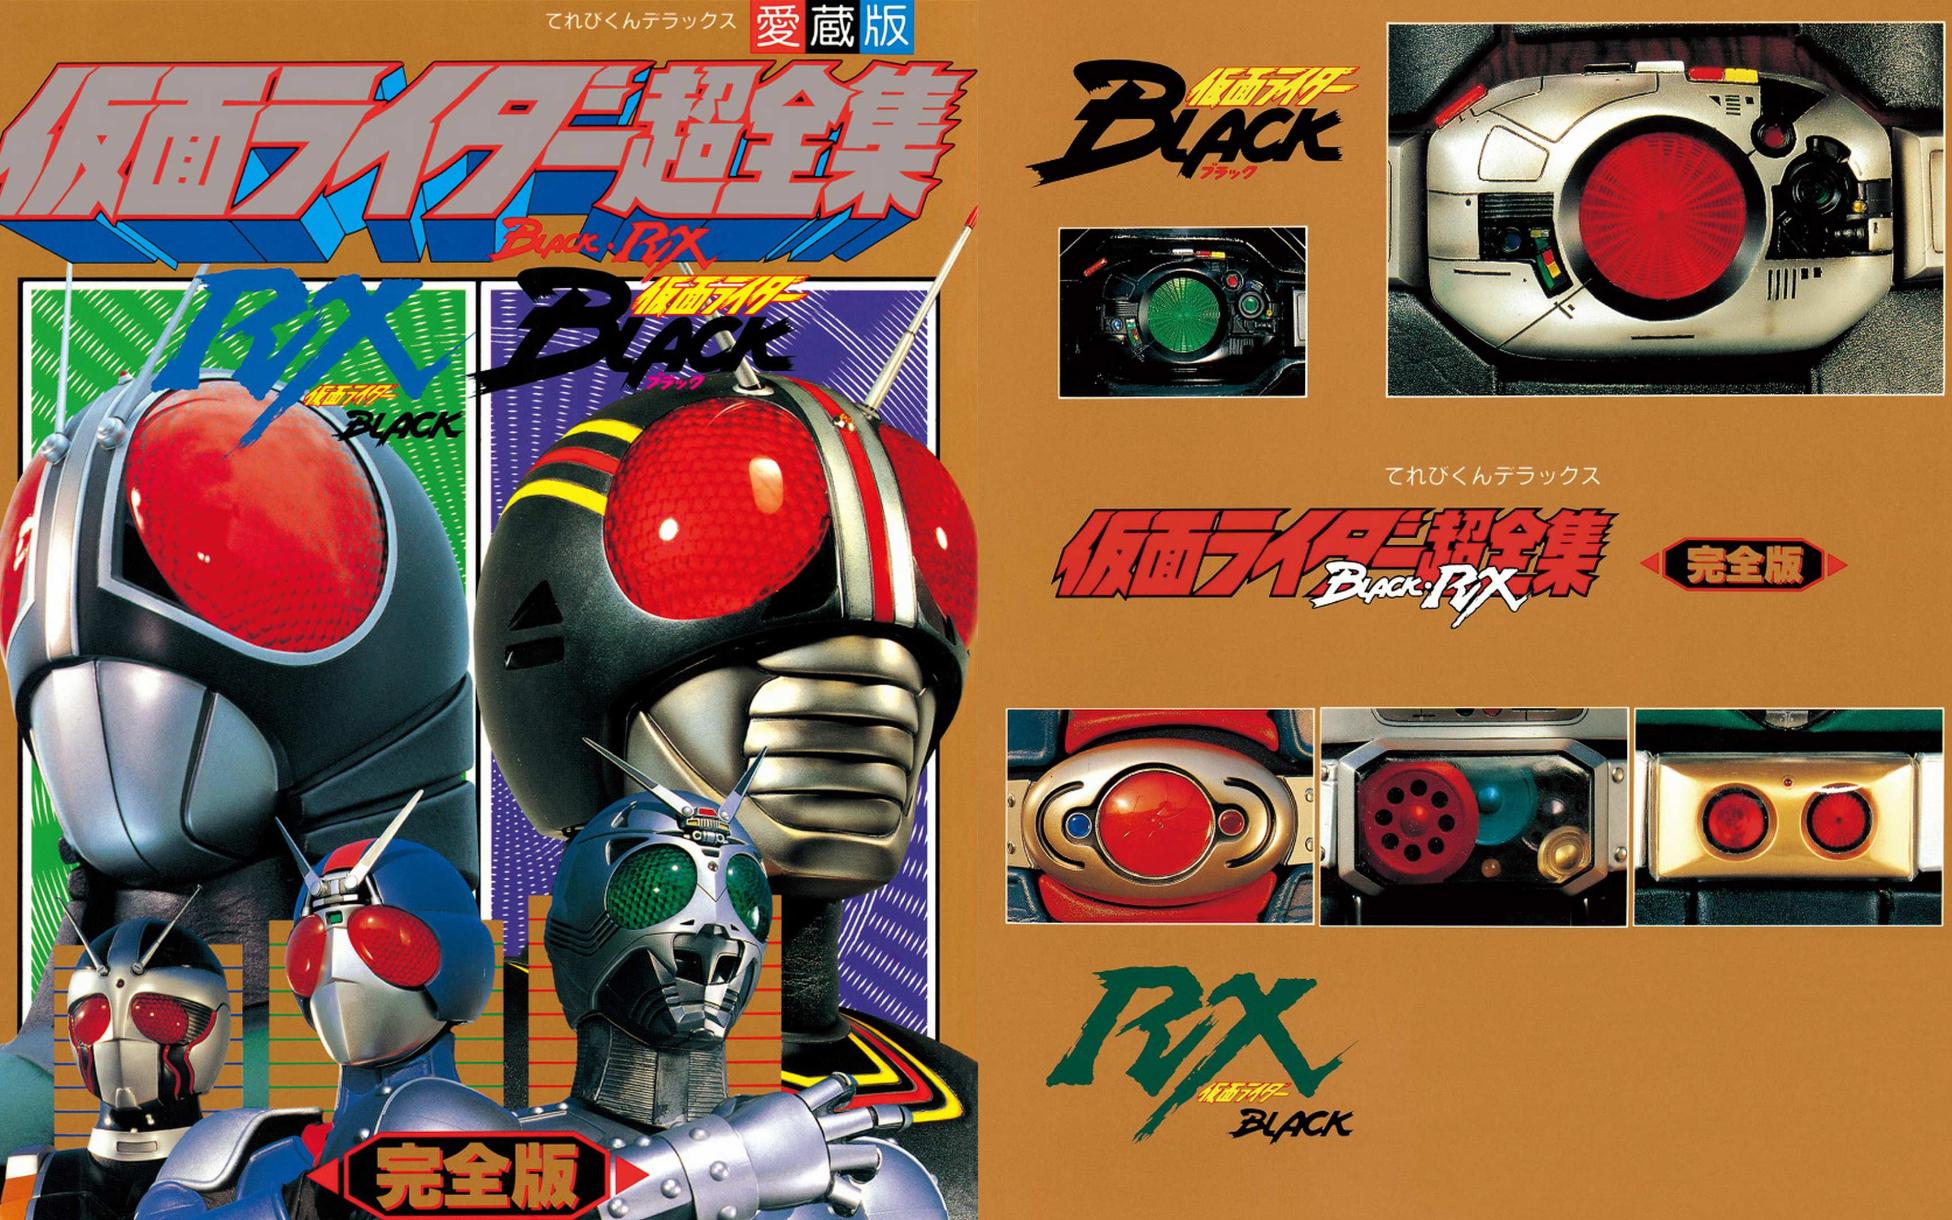 假面骑士BLACK & 假面骑士BLACK RX 超全集 完全版